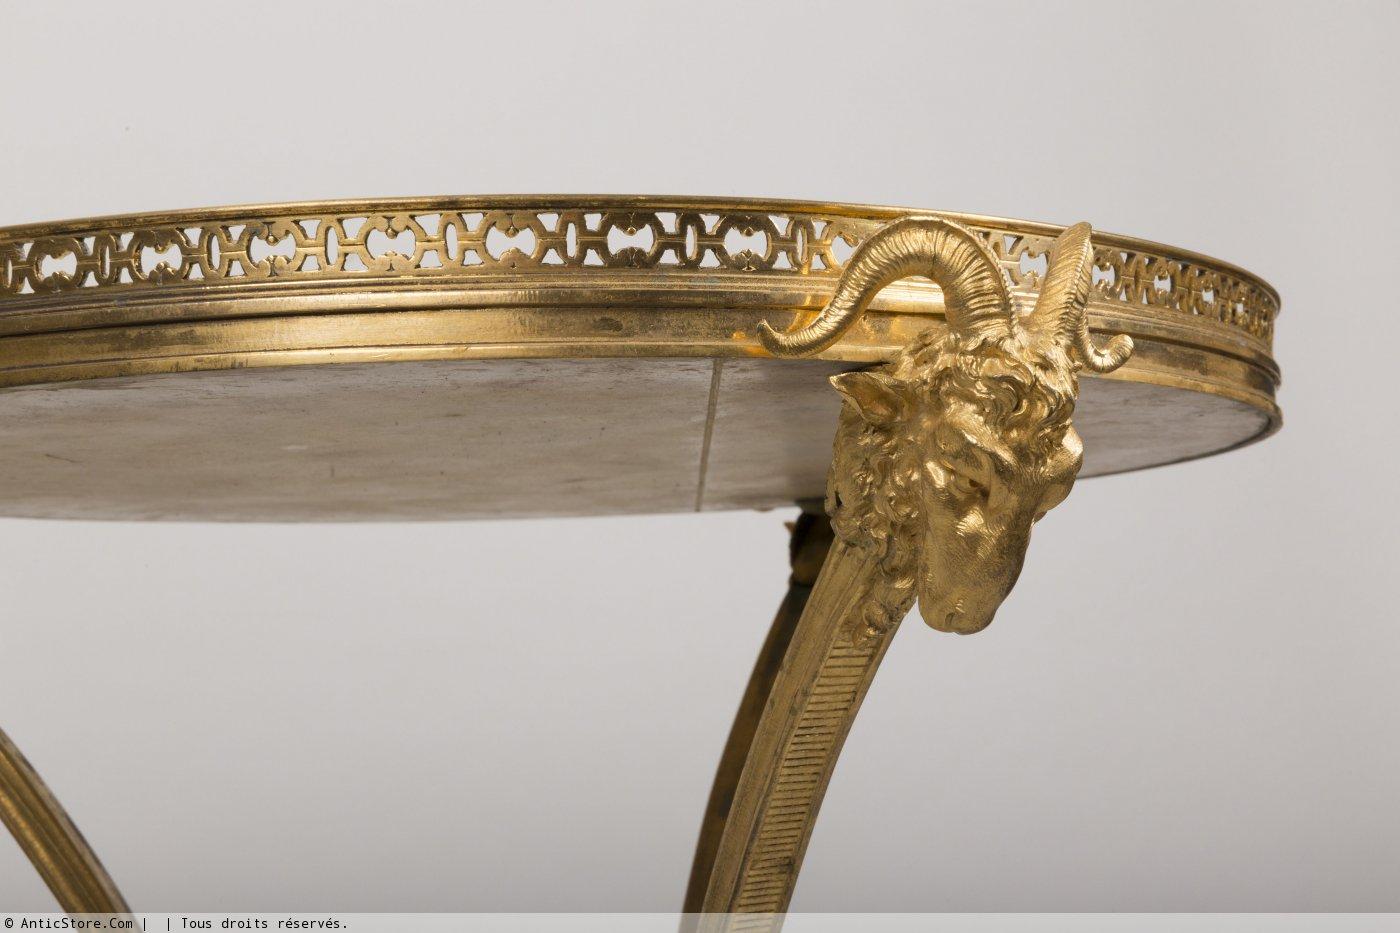 Gu ridon en bronze dor d 39 poque xixe anticstore antiquit s 19 me si cl - Galerie gilles linossier ...